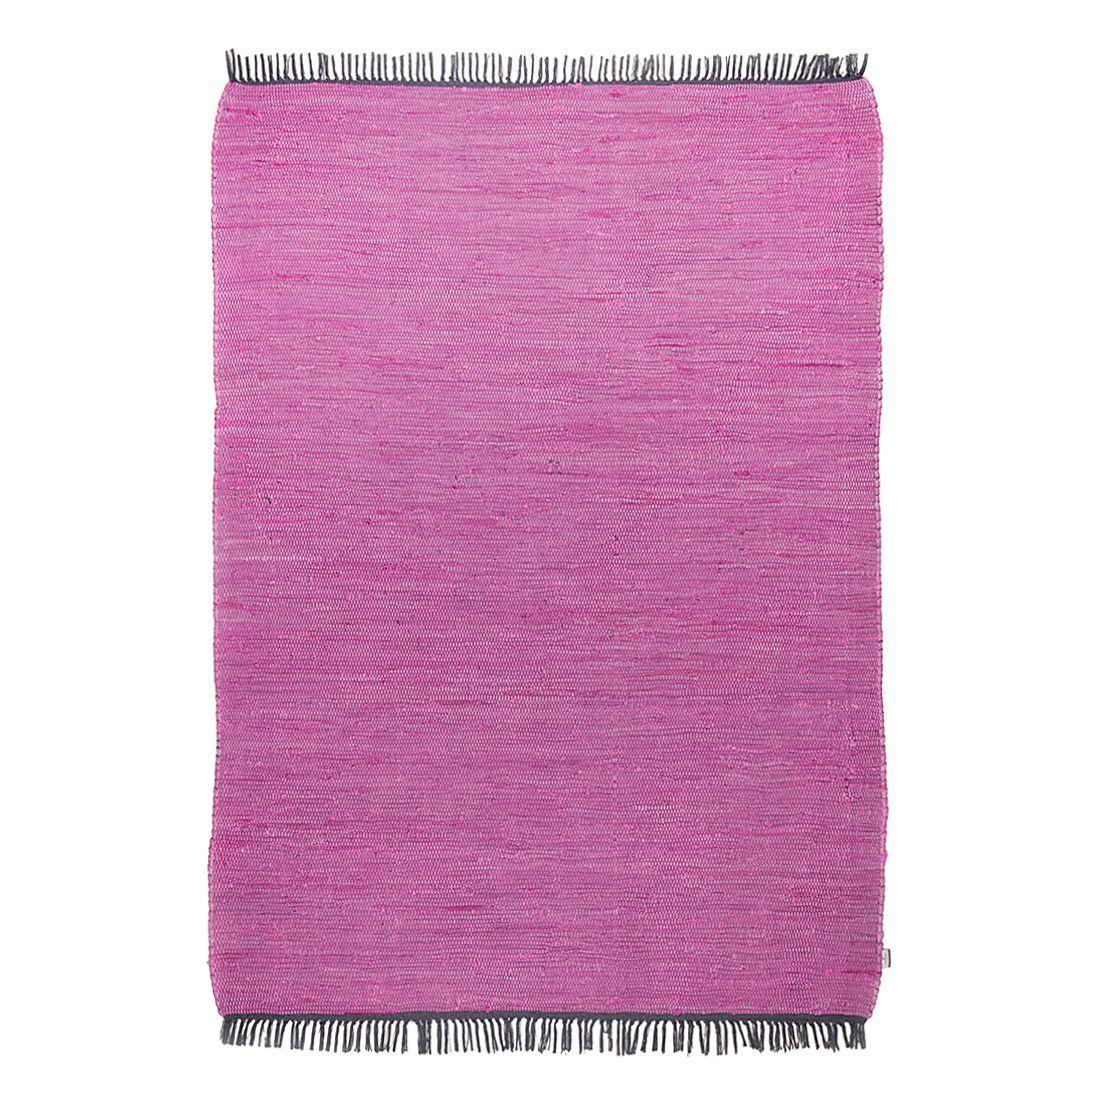 Kelim-Teppiche | Vintage-Teppiche online bestellen | home24